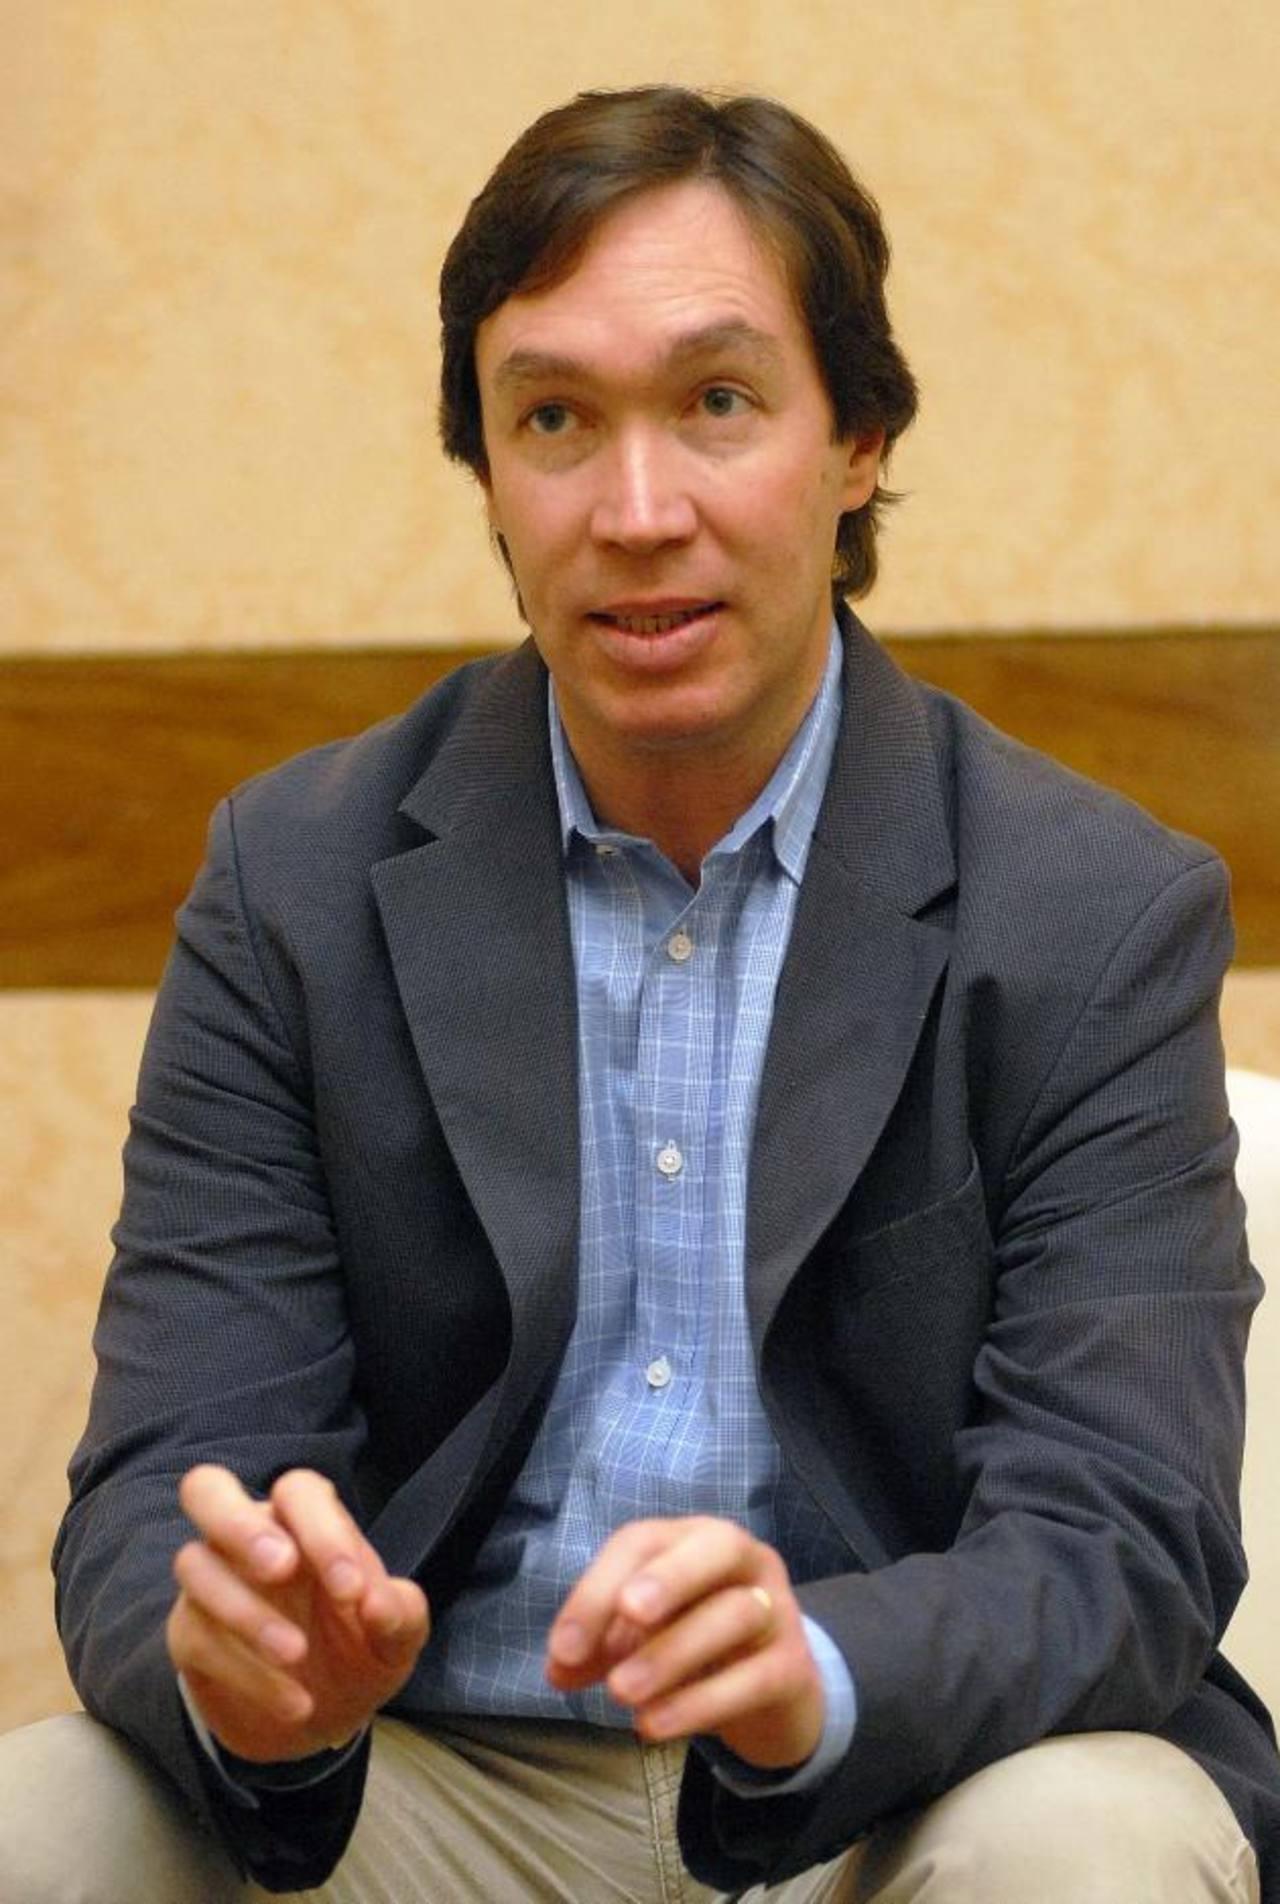 Felipe Barrera, profesor de Harvard, disertó sobre el rol del estado y el sector privado en educación.